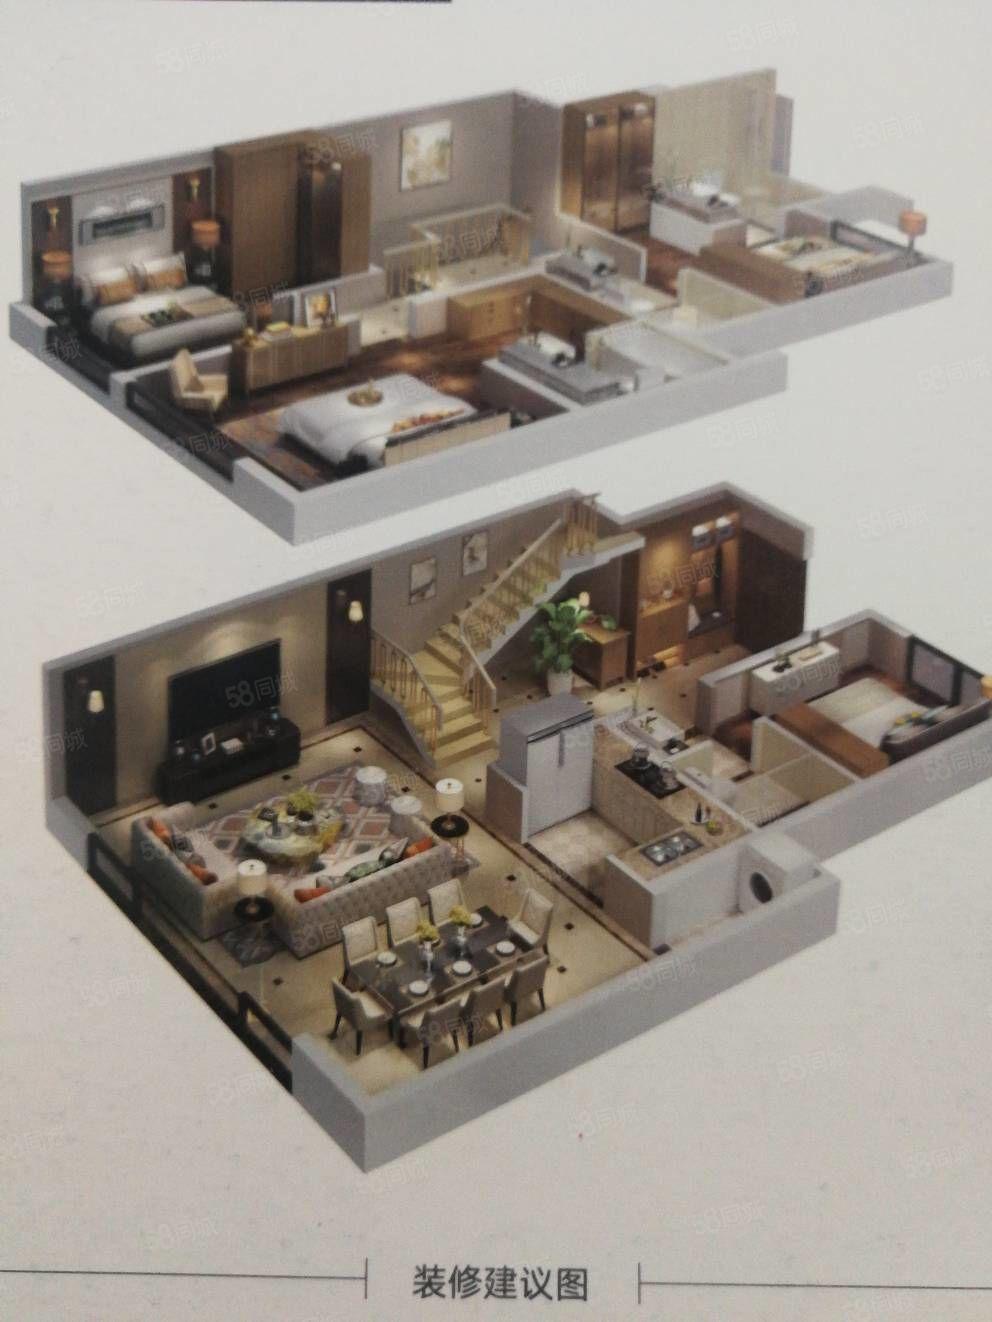 丁香郡顶跃复式可观江两层6室4厅4卫,花滩国际新城